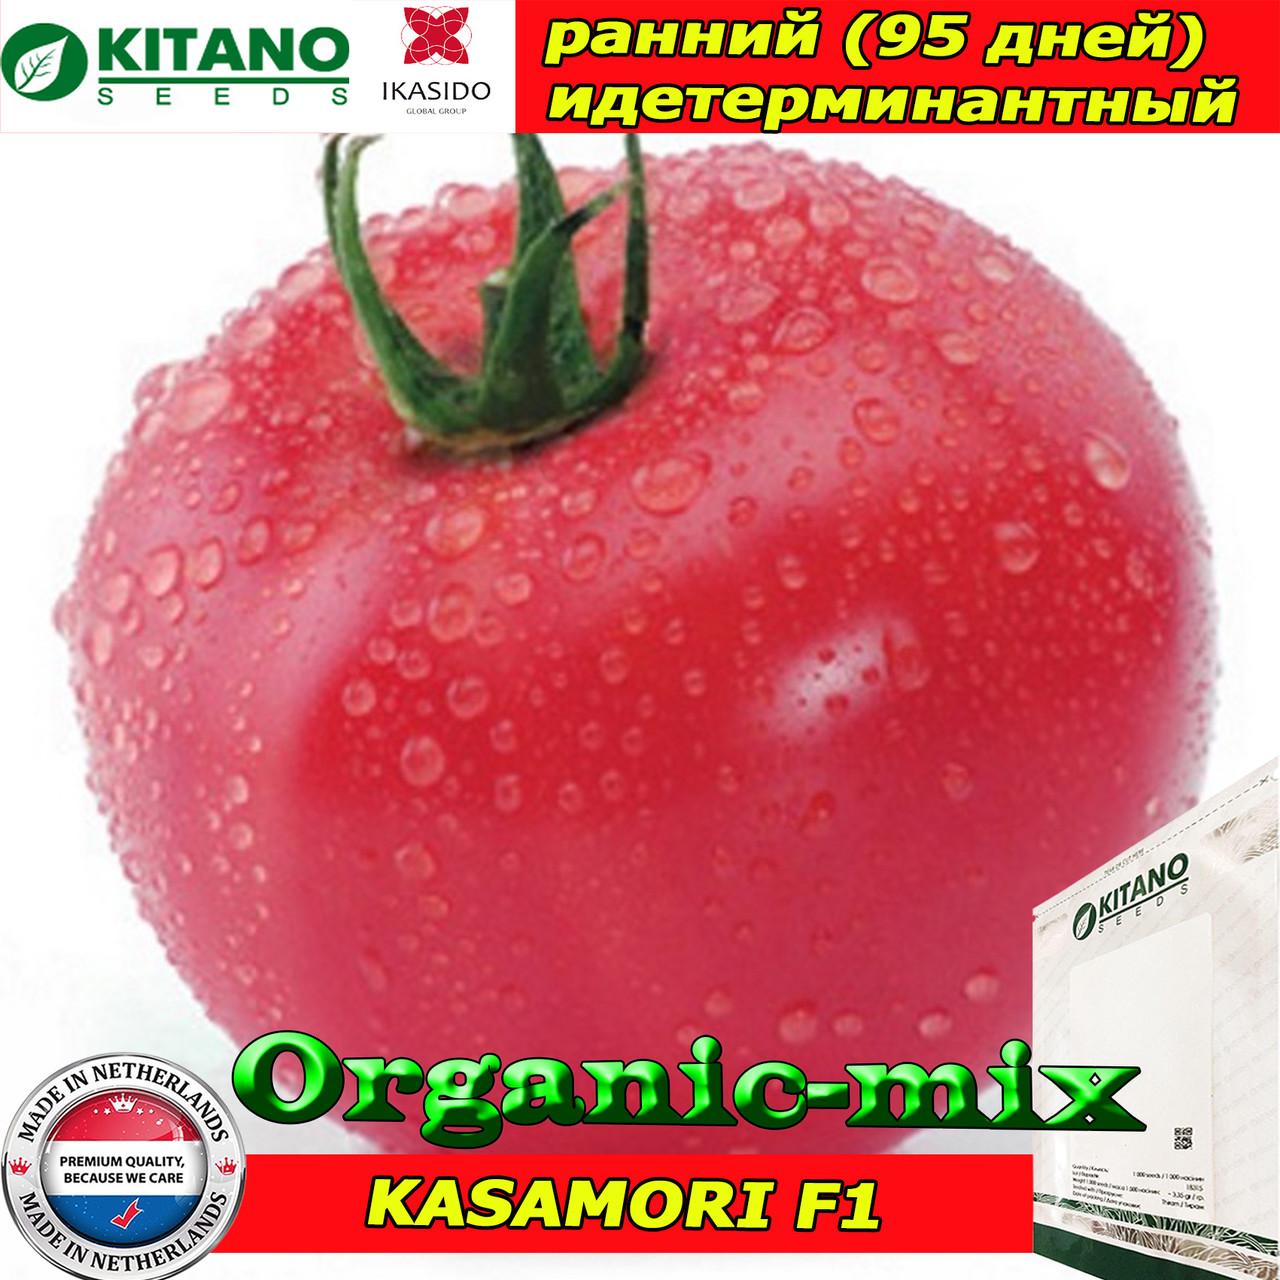 Семена, томат розовый КАСАМОРИ F1 / KASAMORI F1, 500 семян, ТМ Kitano Seeds,